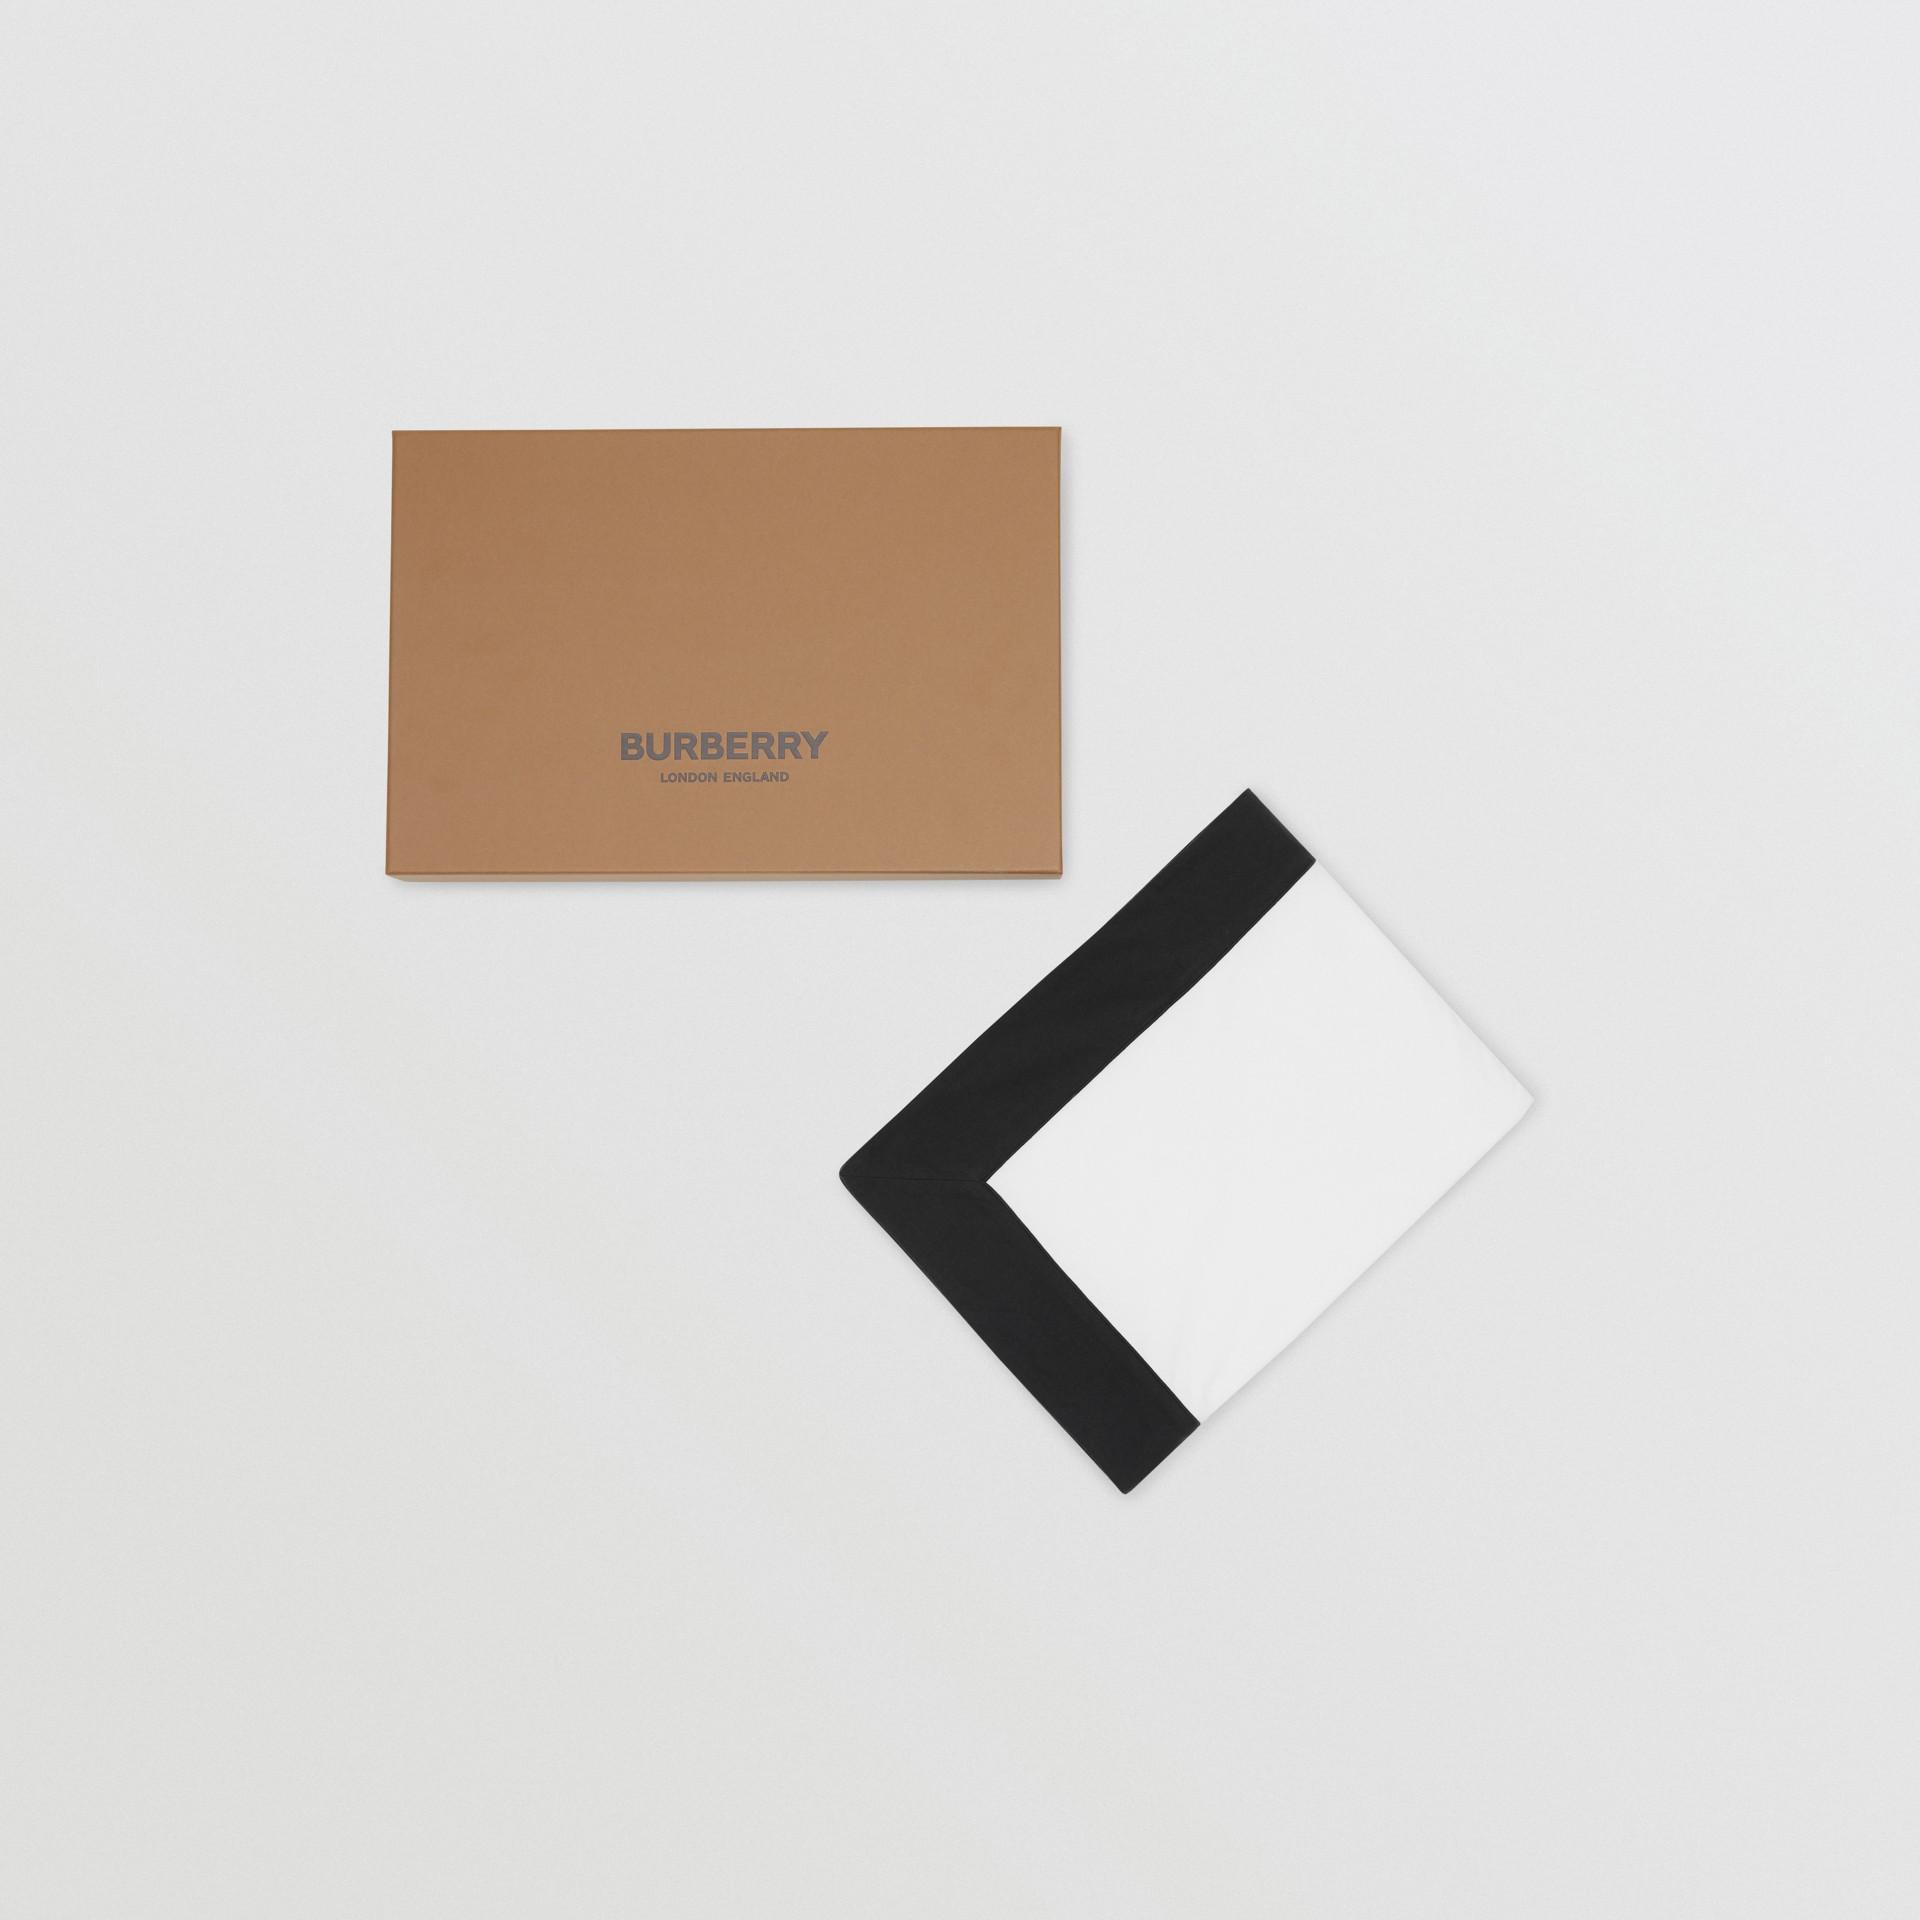 ロゴプリント オーガニックコットン ベイビーブランケット (ホワイト) - チルドレンズ | バーバリー - ギャラリーイメージ 3